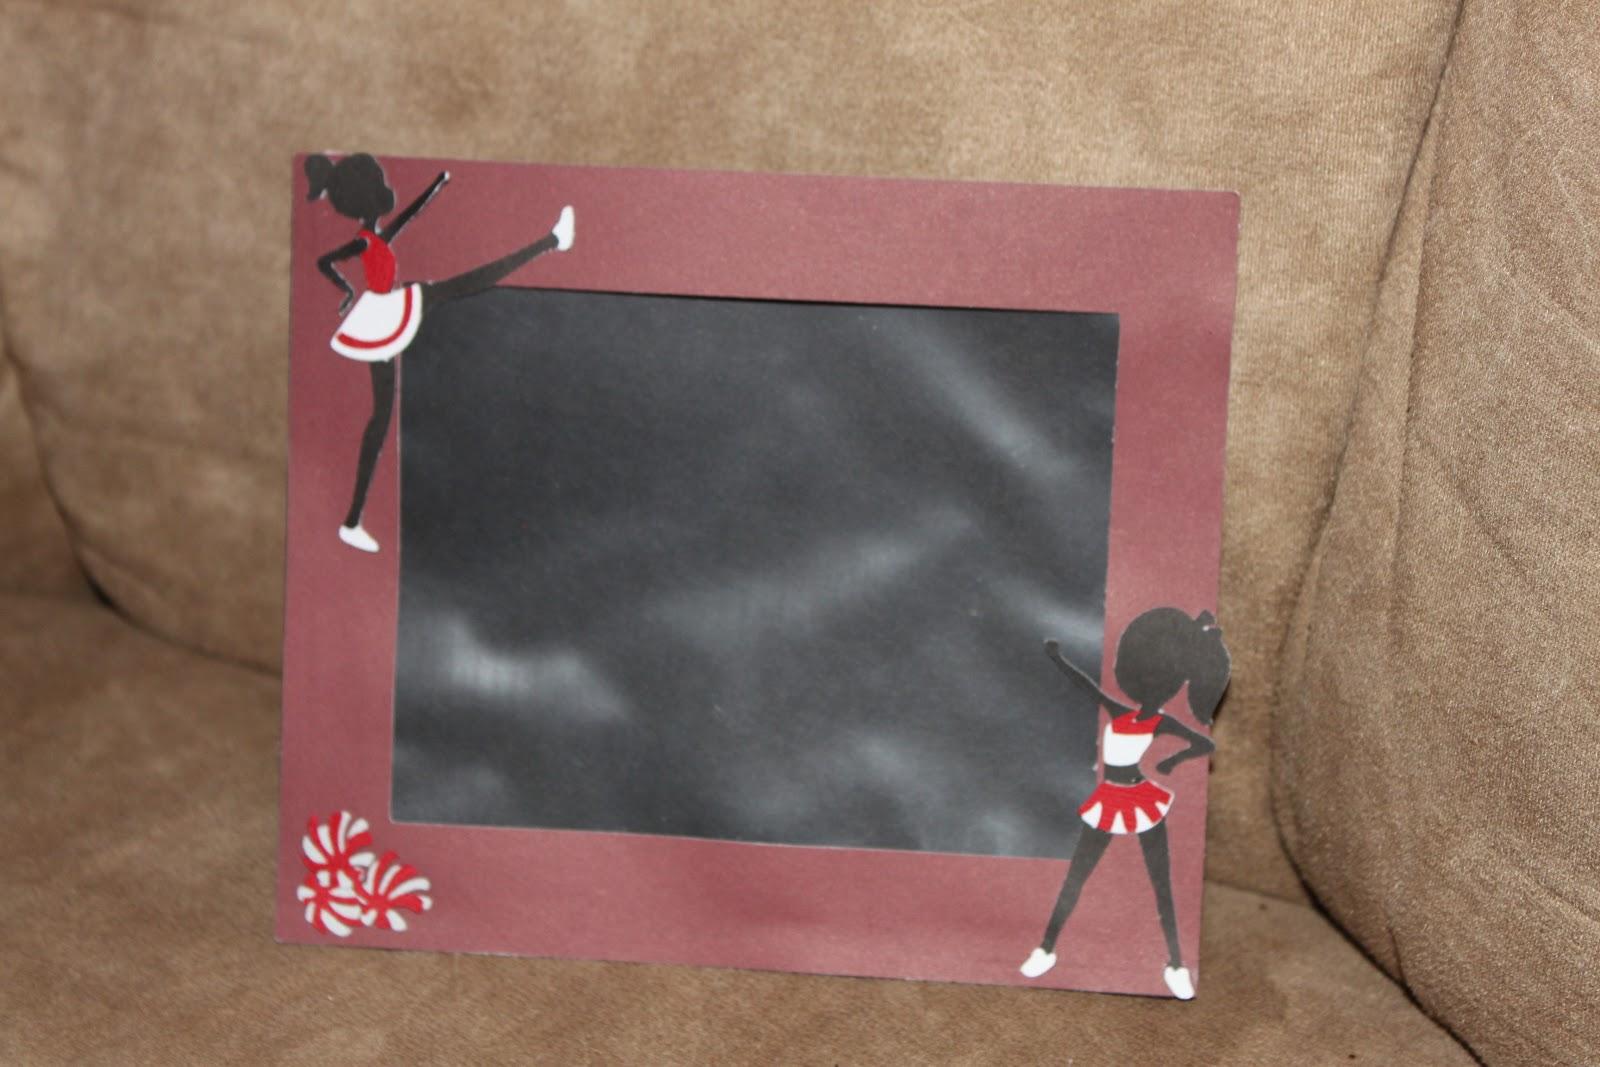 Life is Short, Keep it Simple: Cheerleader Frames